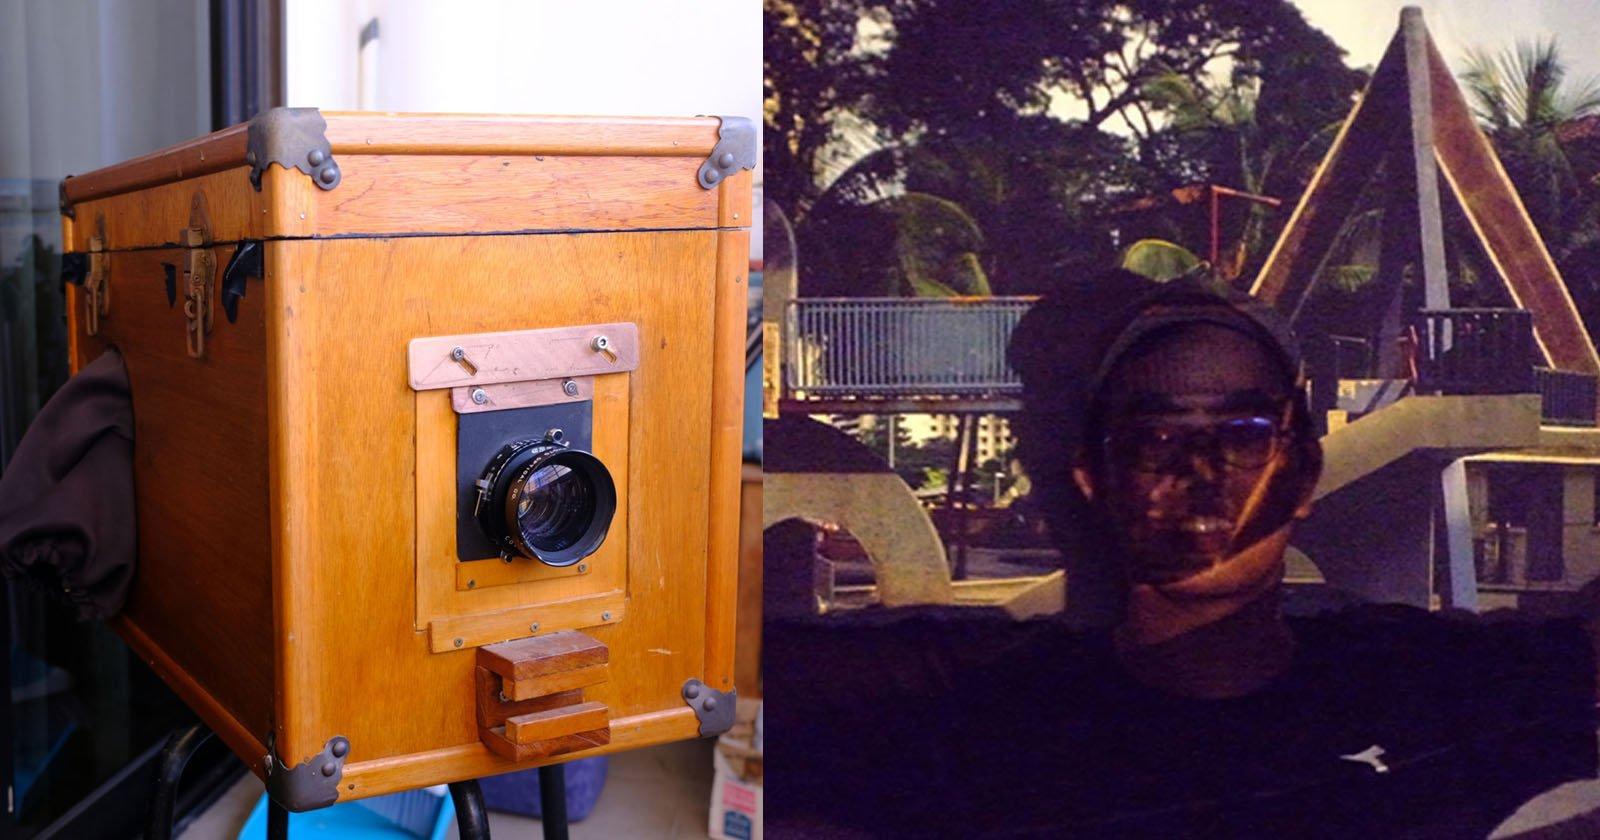 Come ho convertito la mia macchina fotografica Afghan Box in un proiettore per diapositive 4×55